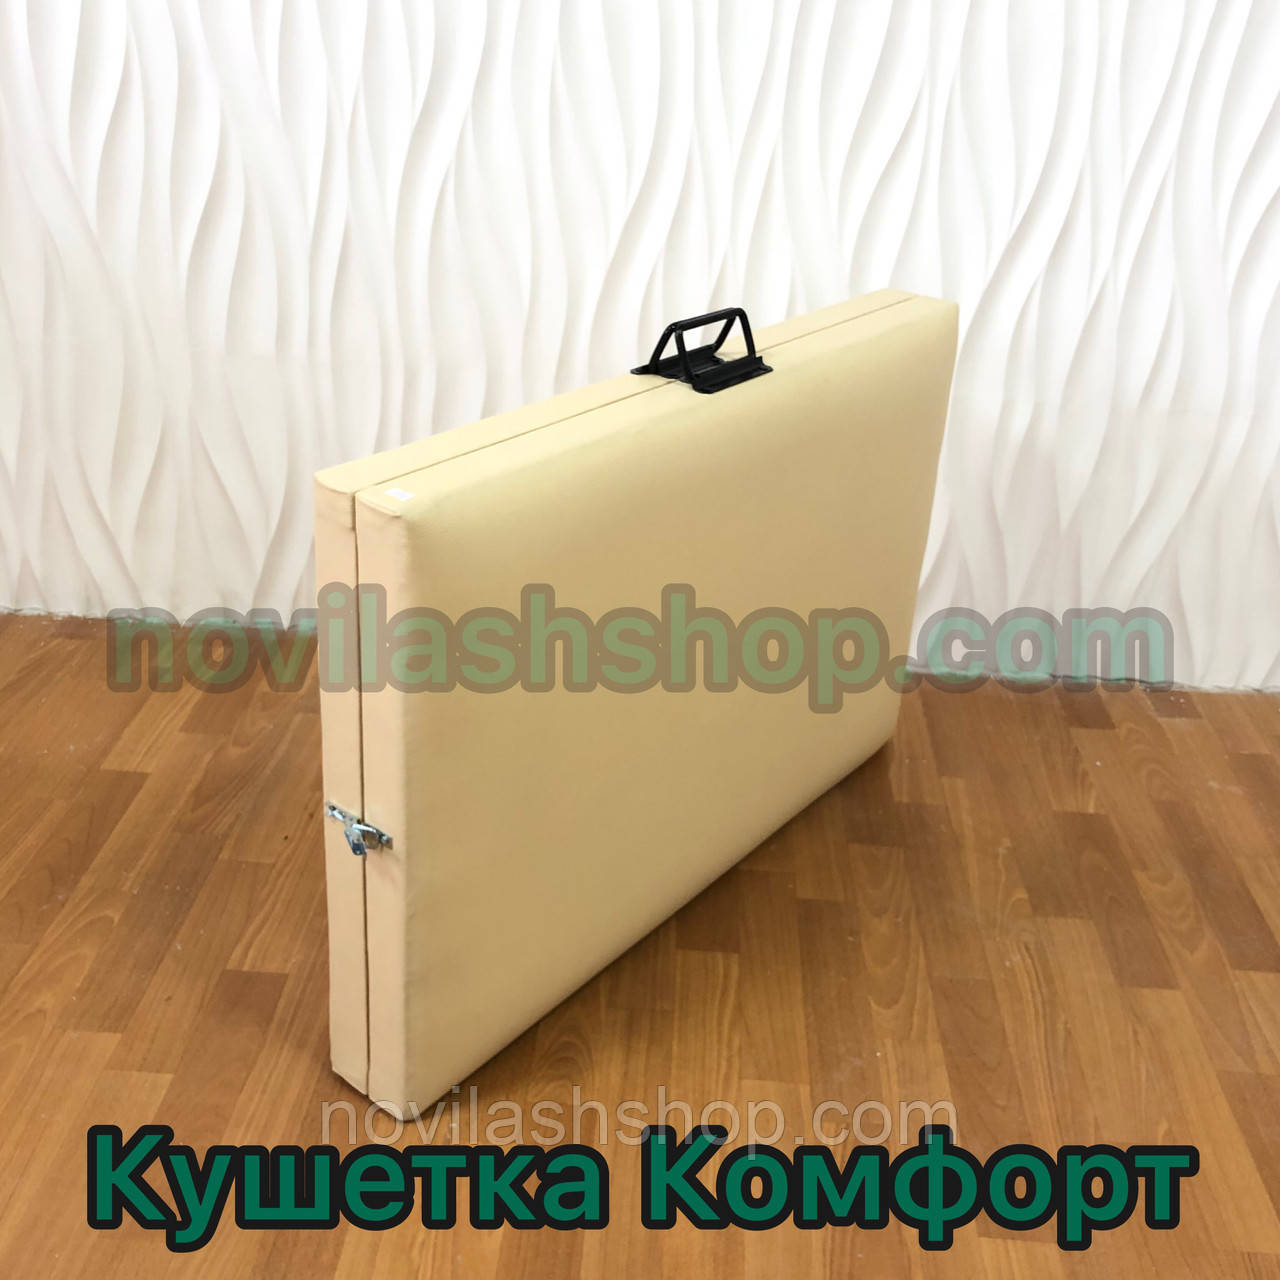 Косметологическая кушетка\массажный стол - Комфорт